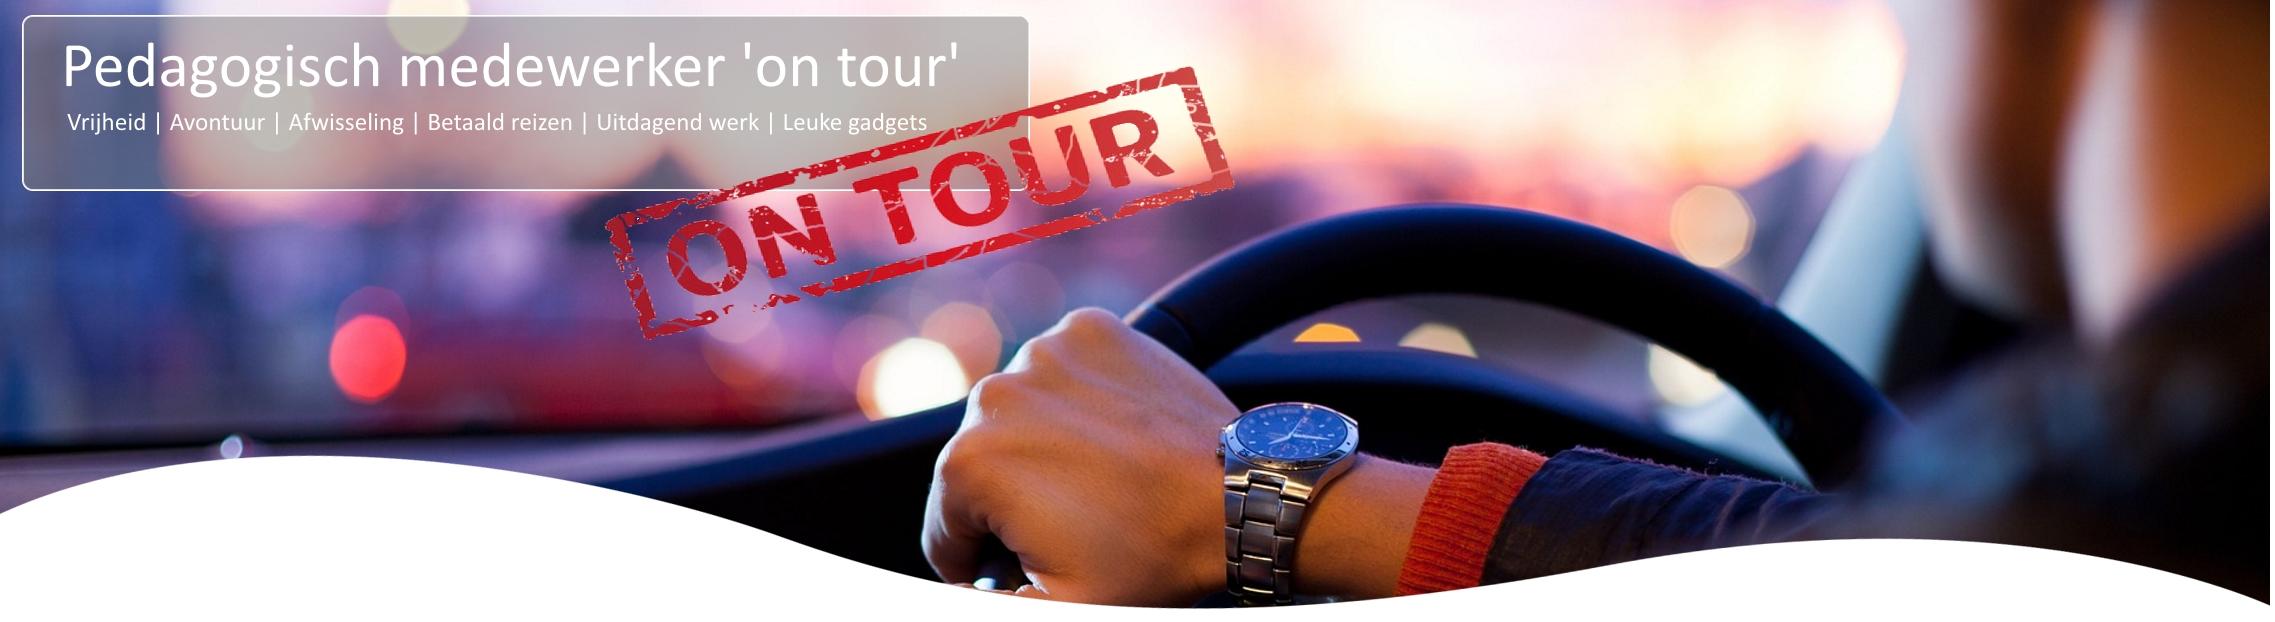 pedagogisch medewerker on tour